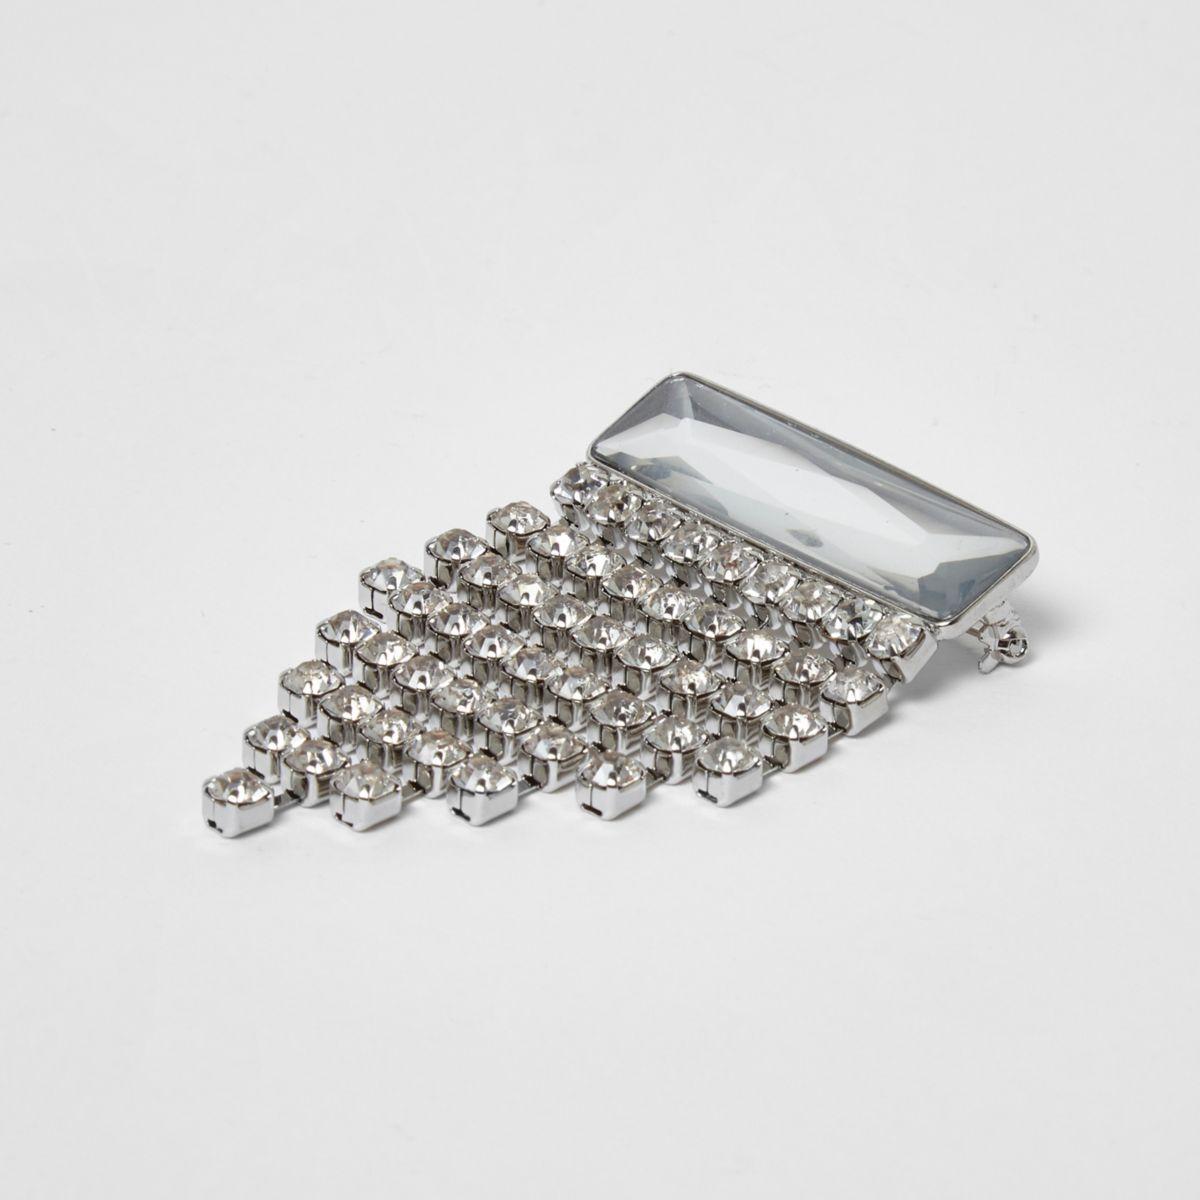 Silver tone diamante cascade brooch